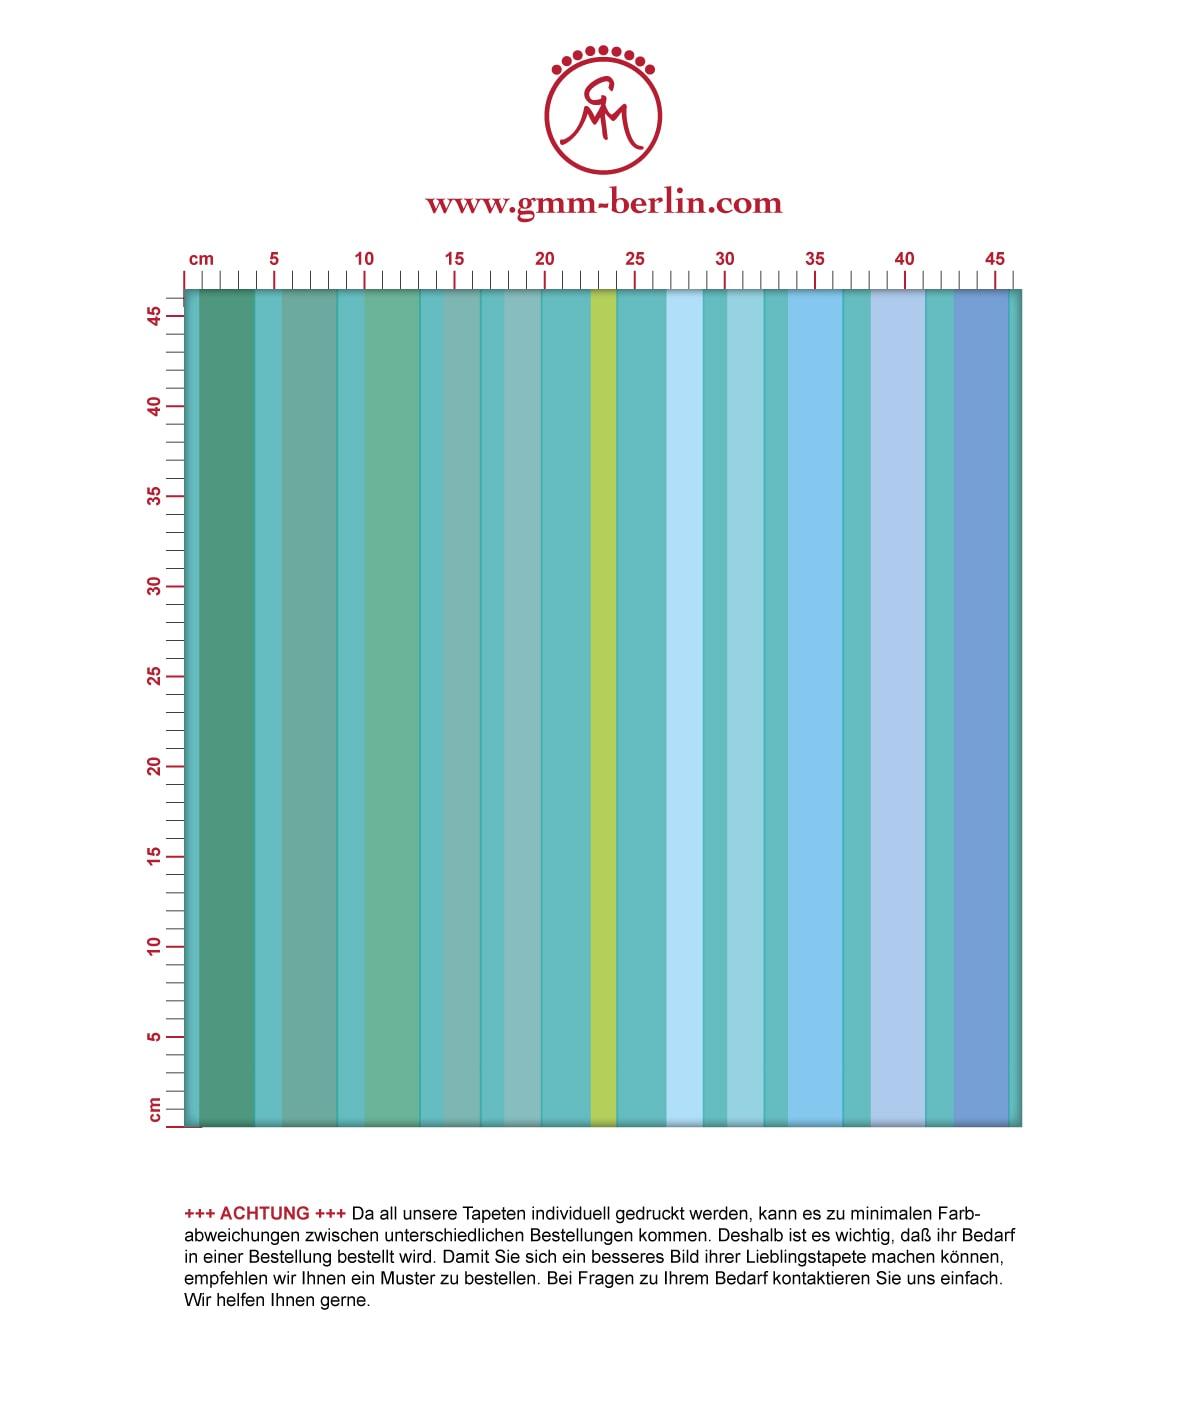 Aus dem GMM-BERLIN.com Sortiment: Schöne Tapeten in der Farbe: grün. Edle Wandgestaltung: Moderne Classic Tapete dekorativer Streifen in #design #modern #streifen #streifentapete #trend für individuelles Interiordesign